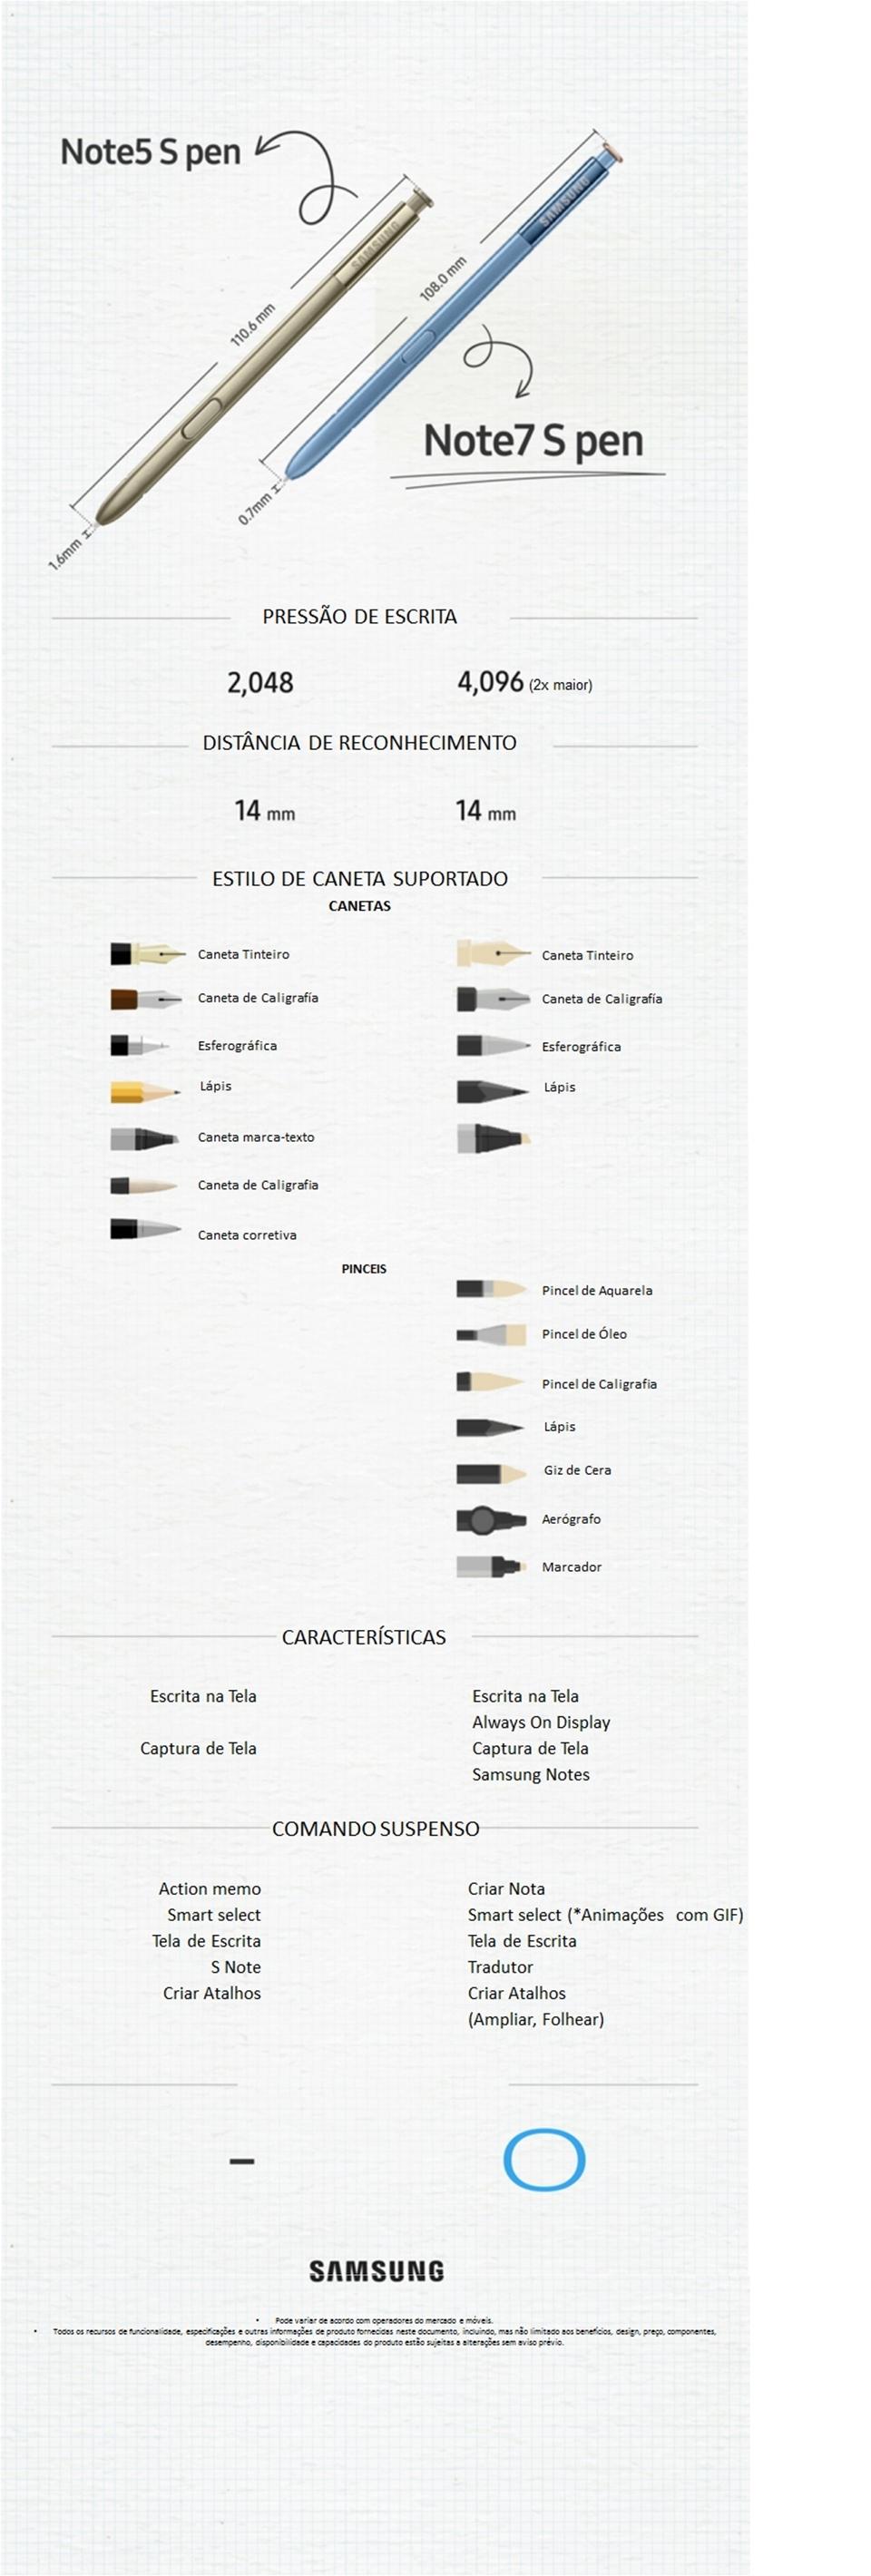 Samsung destaca as características da S Pen do Galaxy Note 7 [infográfico]